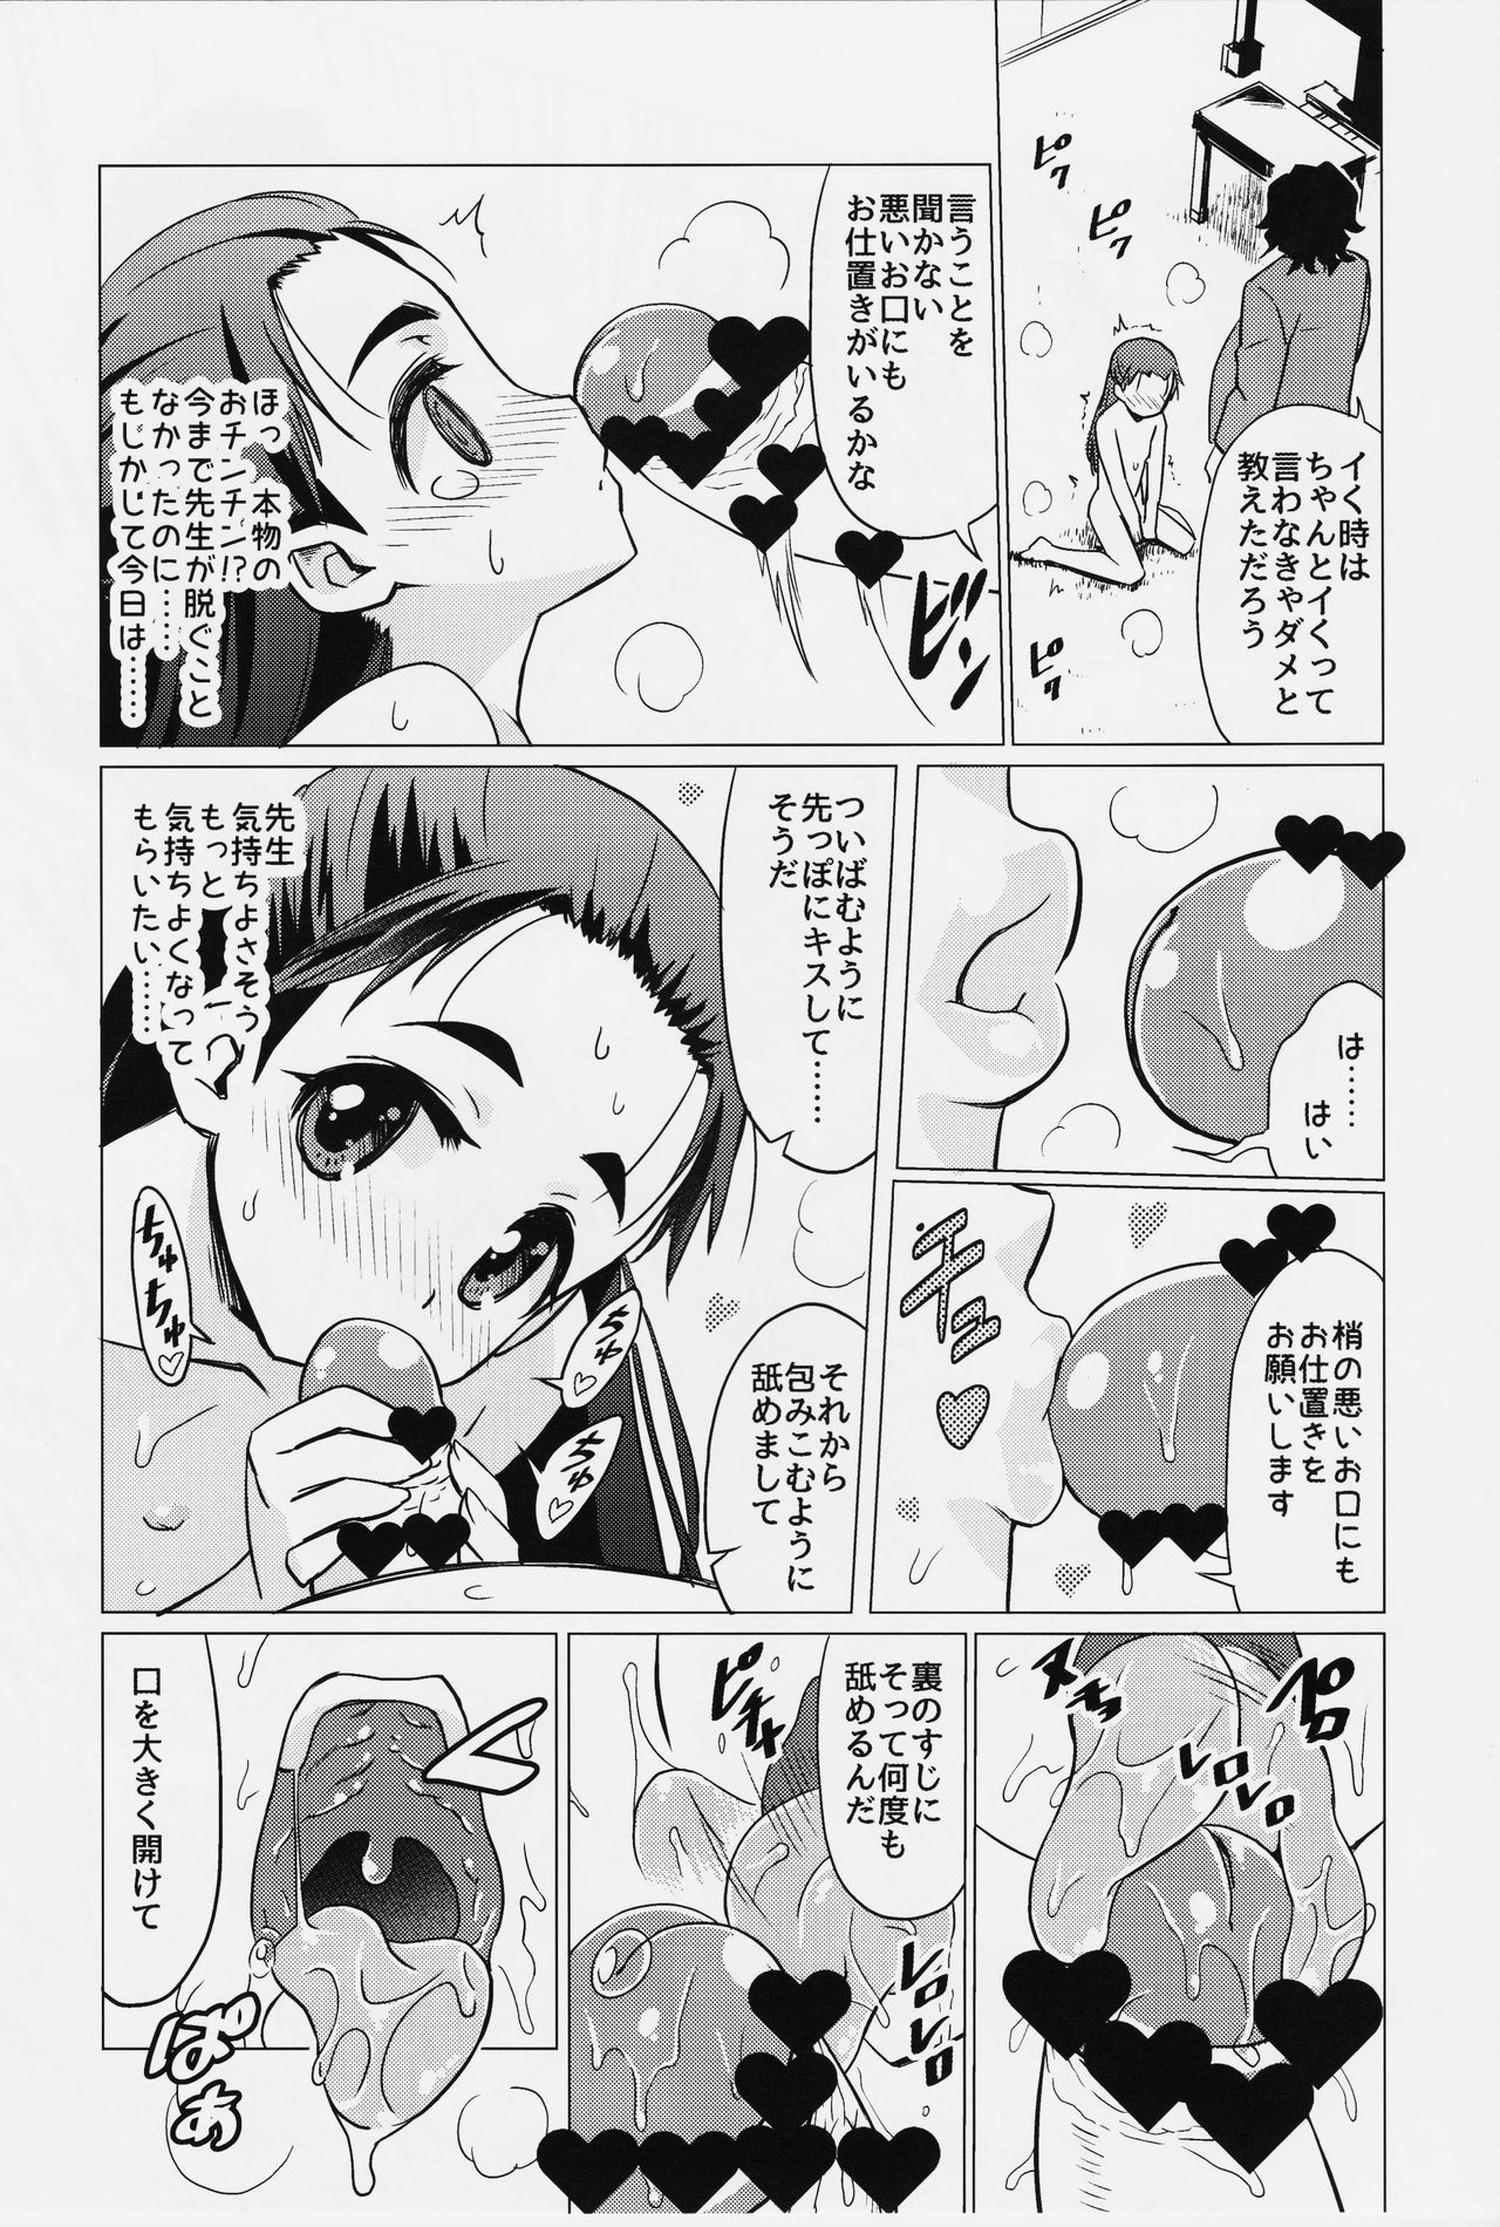 【エロ漫画・エロ同人】お尻を叩かれてエッチなことに目覚めてしまったM女JSが先生に調教されて、脱糞プレイでも感じちゃう変態に・・・ (12)